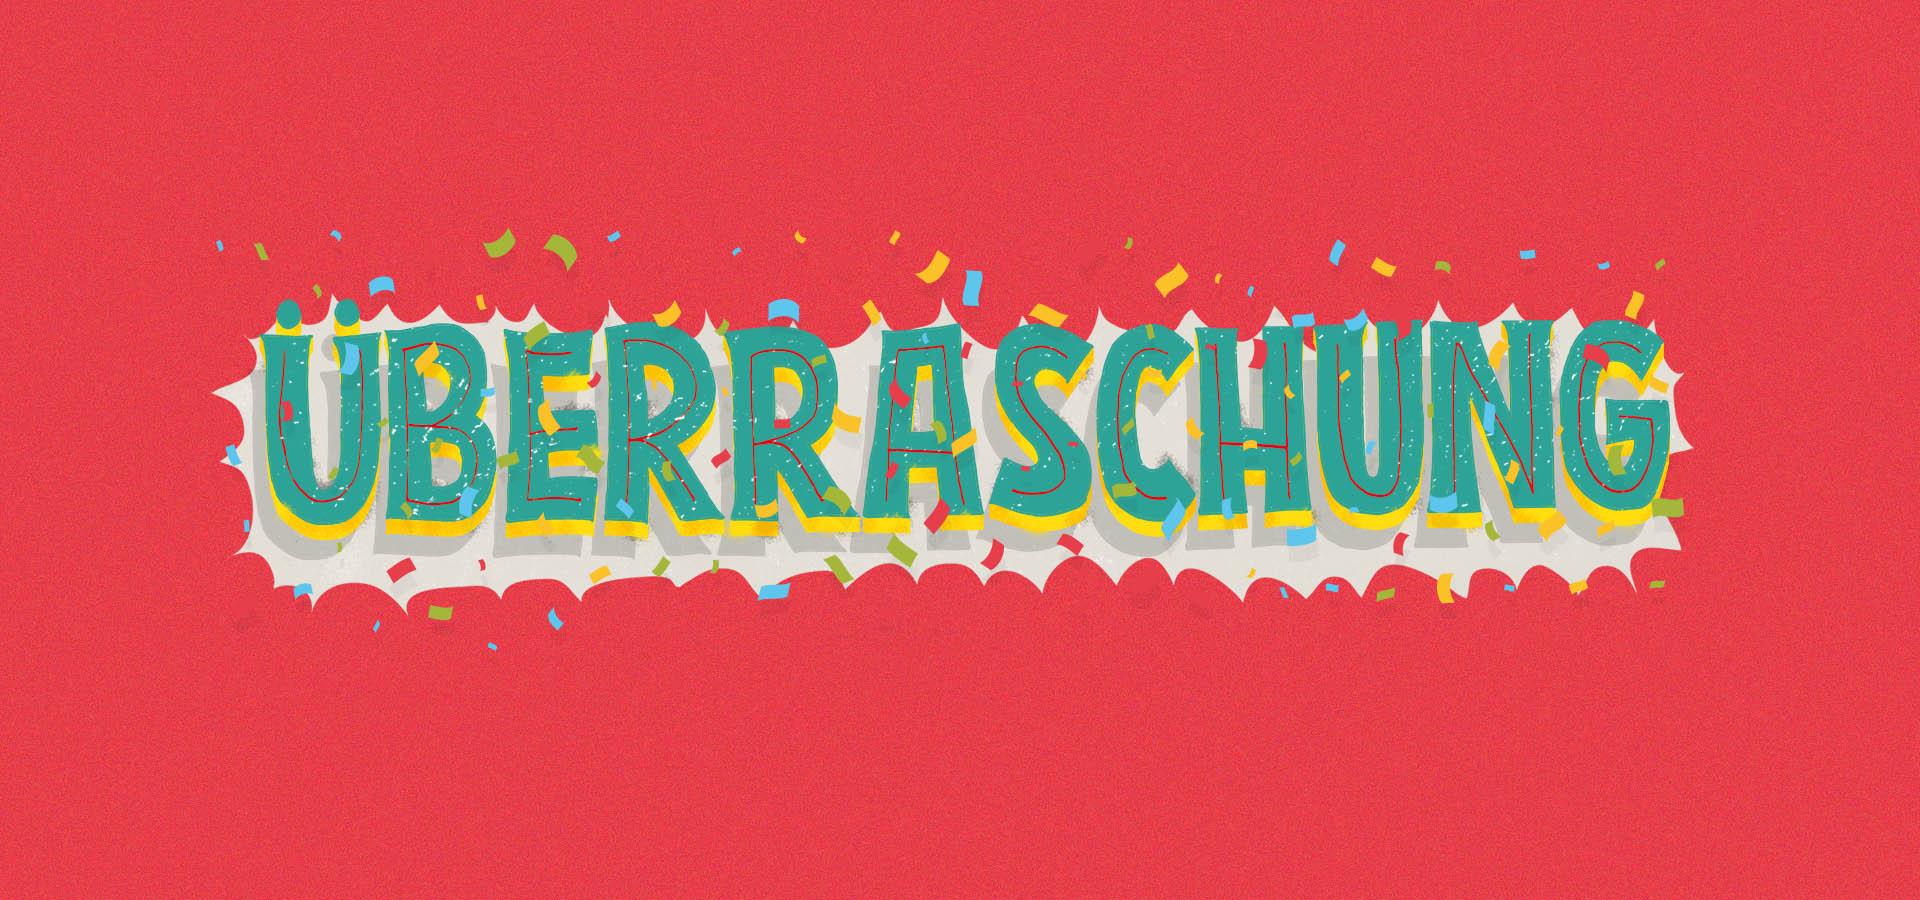 70 Jahre Niedersachsen Echt Niedersachsen Spezial Lettering Überraschung groß